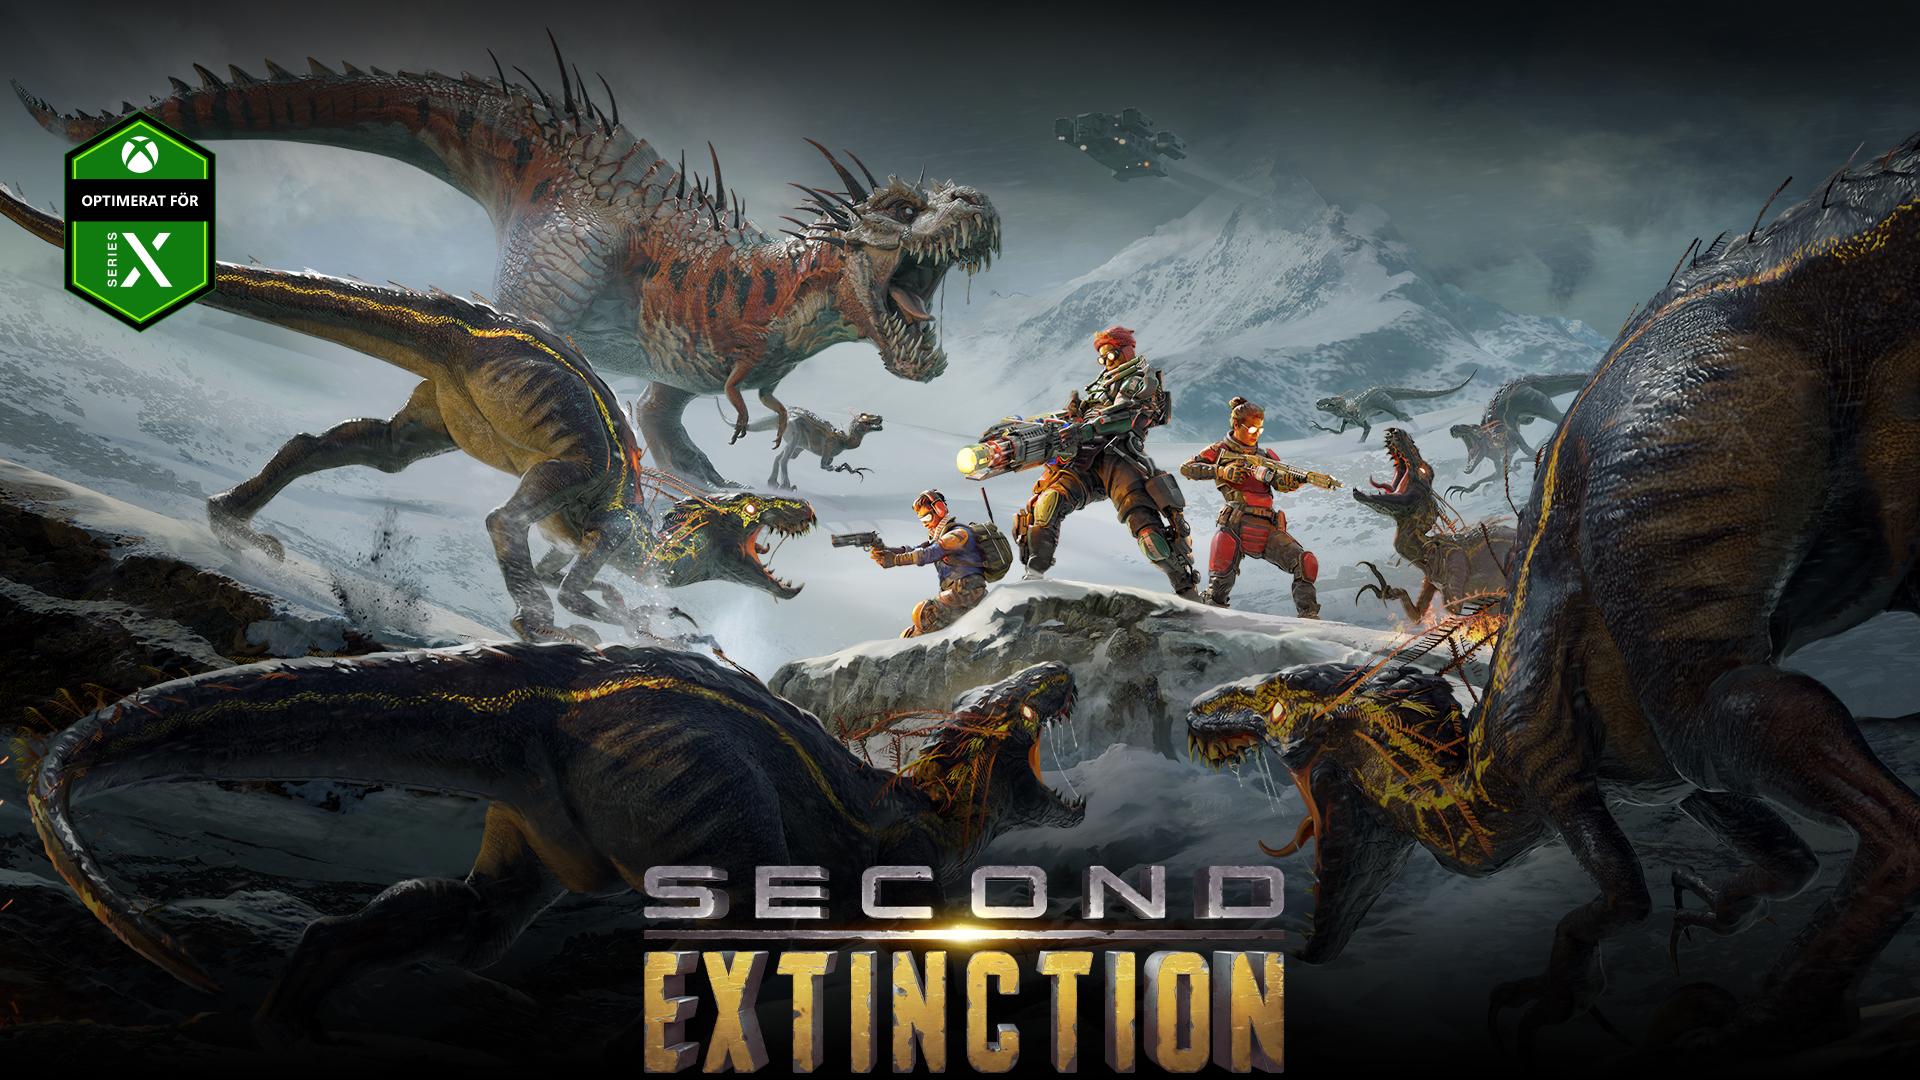 Second Extinction, Optimerat för Series X, en grupp karaktärer drabbar samman med en grupp dinosaurer.